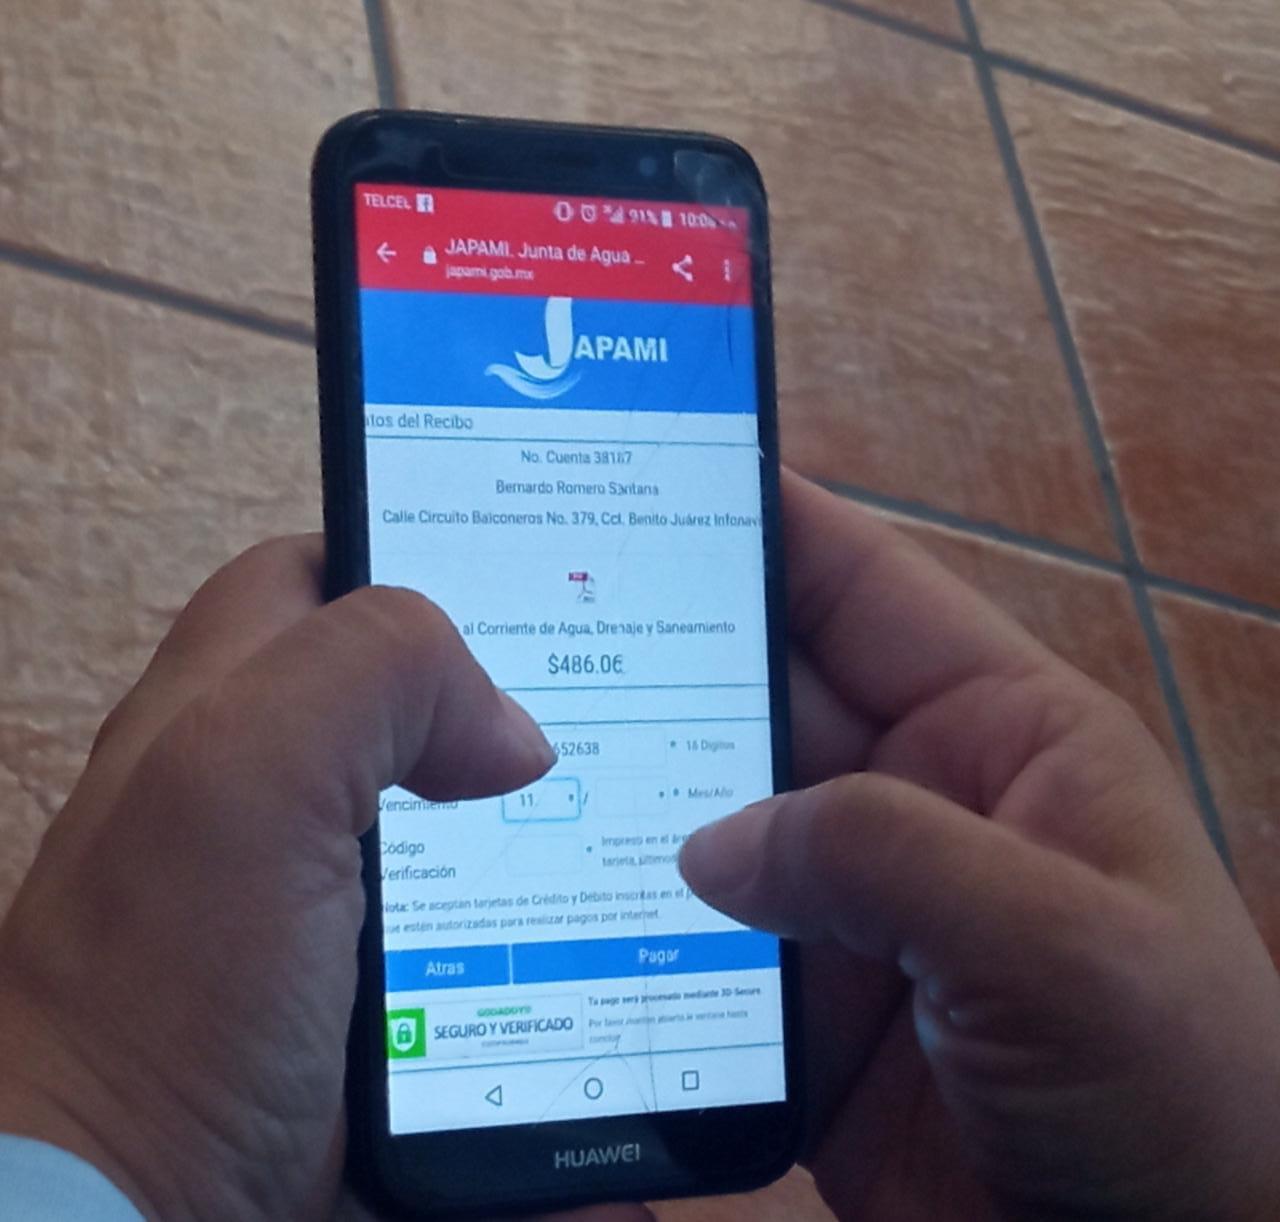 ¡Con tu recibo digital de JAPAMI, puedes pagar en línea!